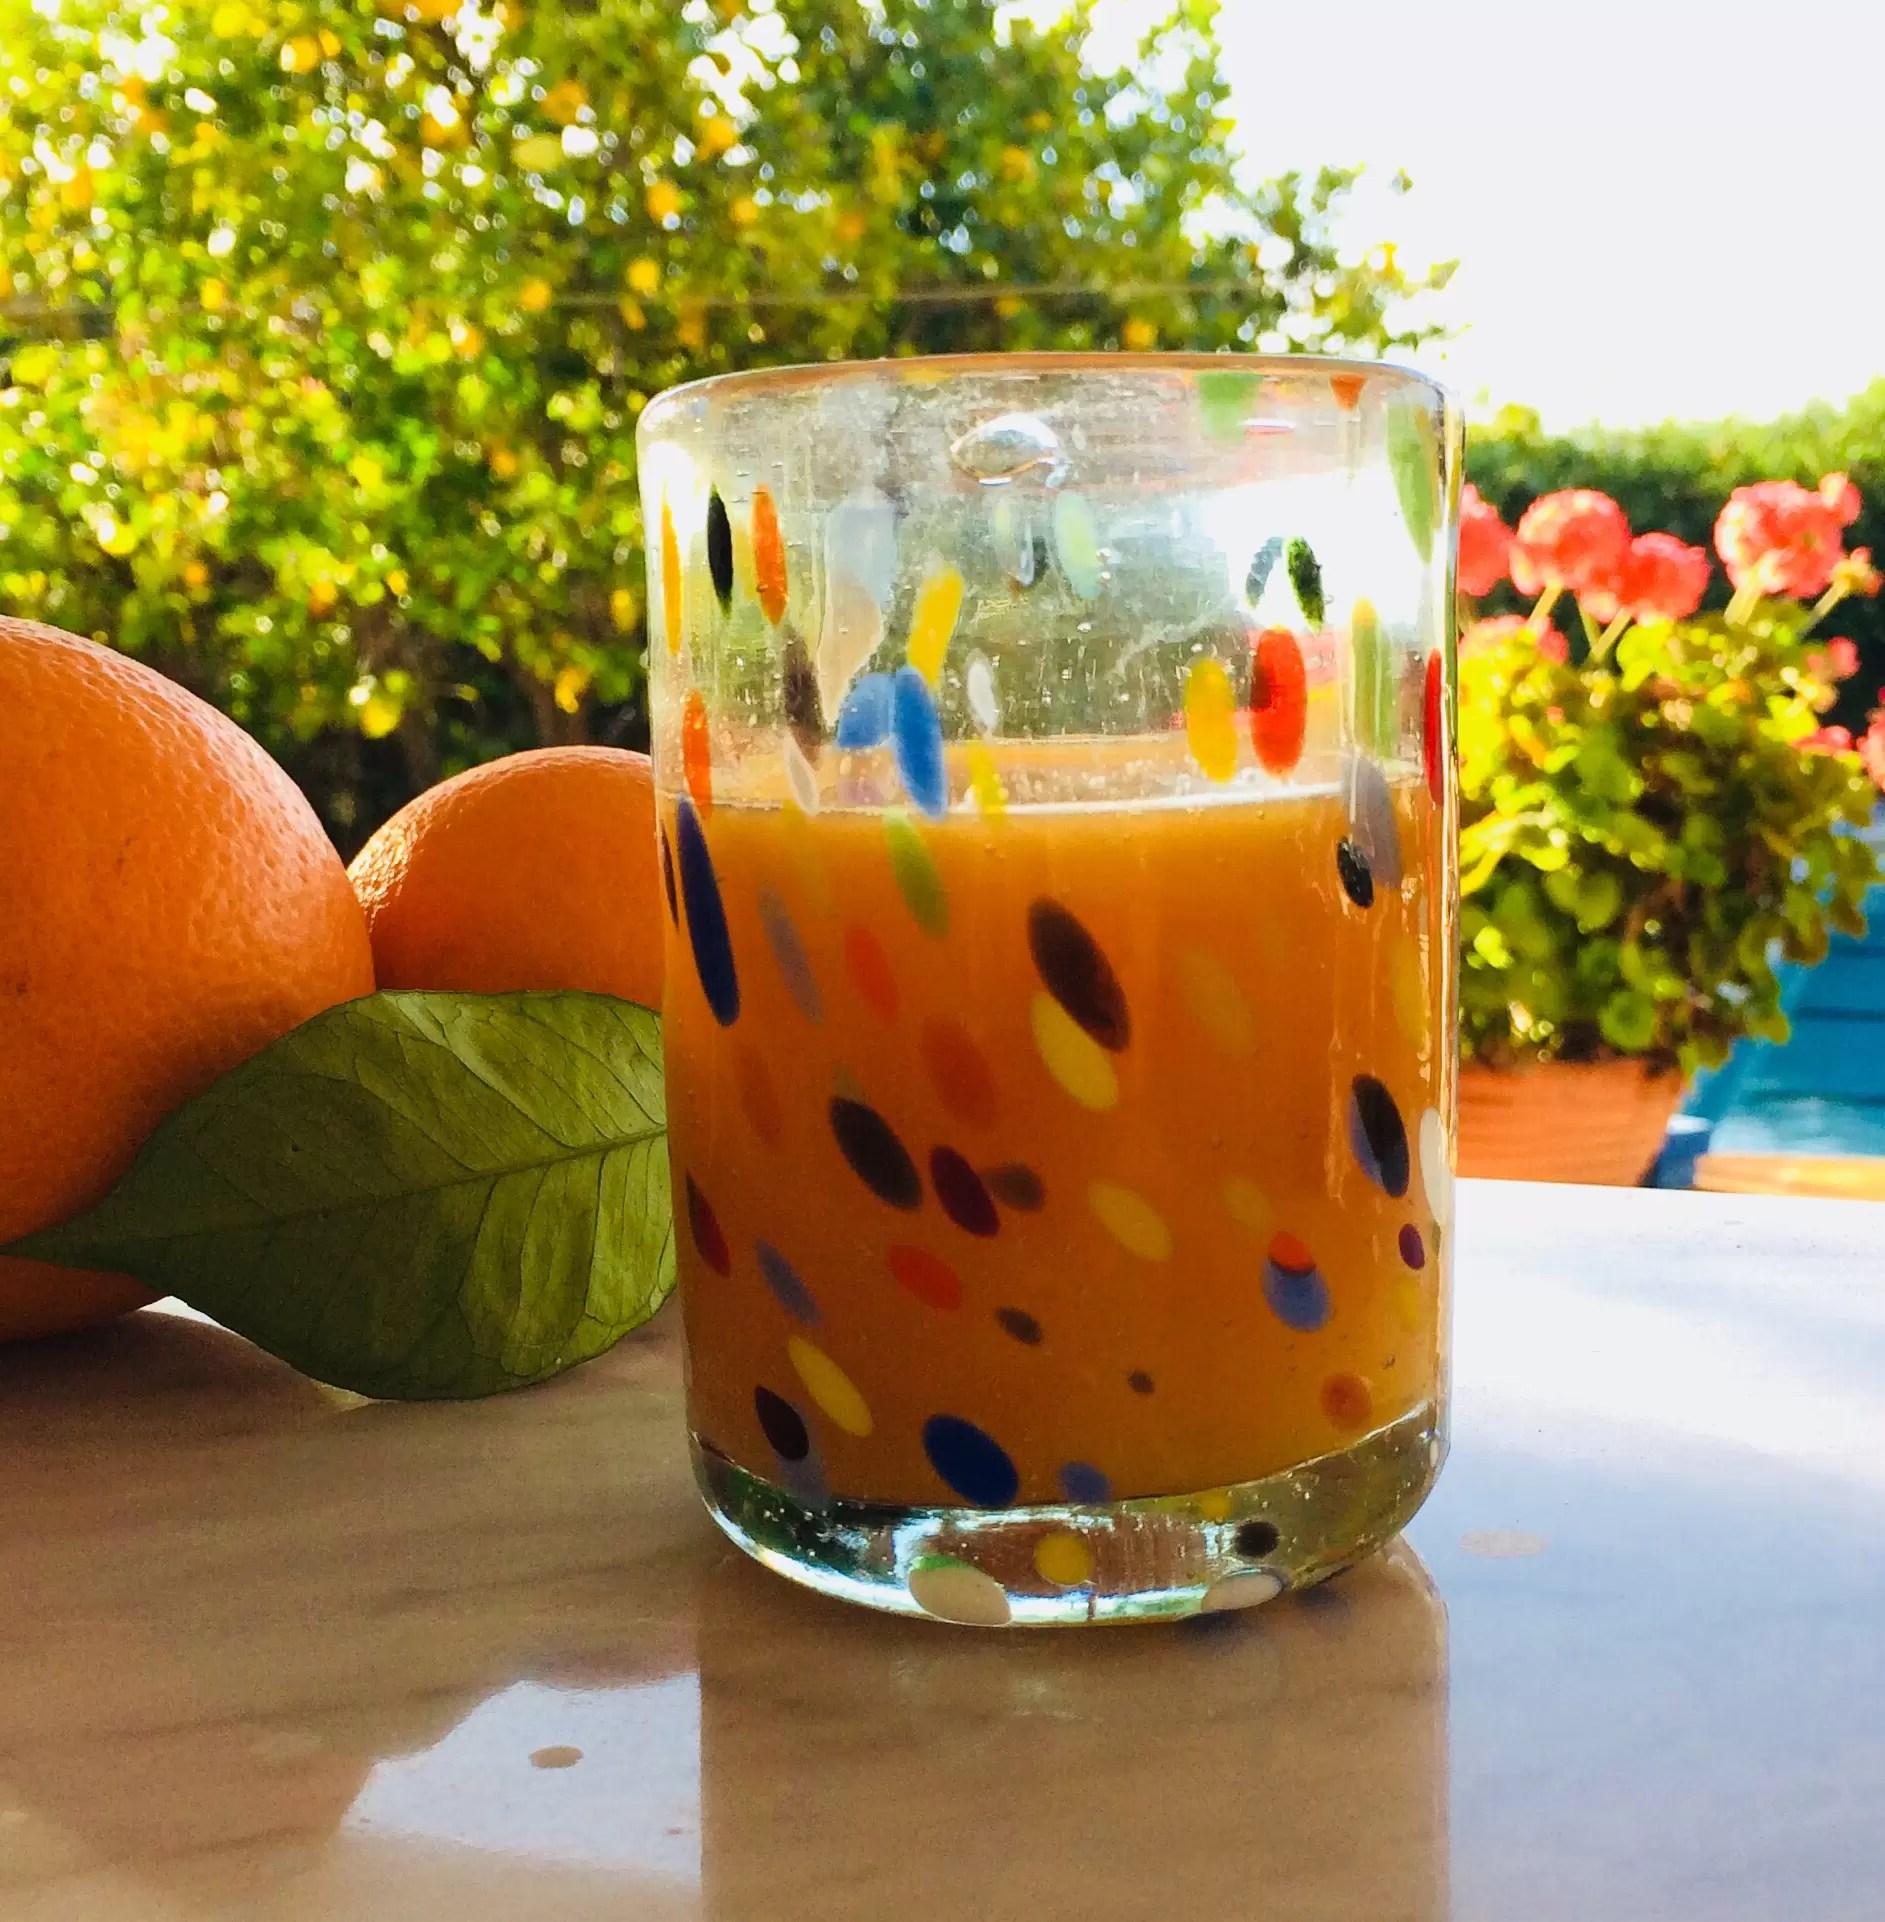 Vaso Vidrio Colores Zumo Naranja Soller Mallorca Lafiore.com  - About Lafiore